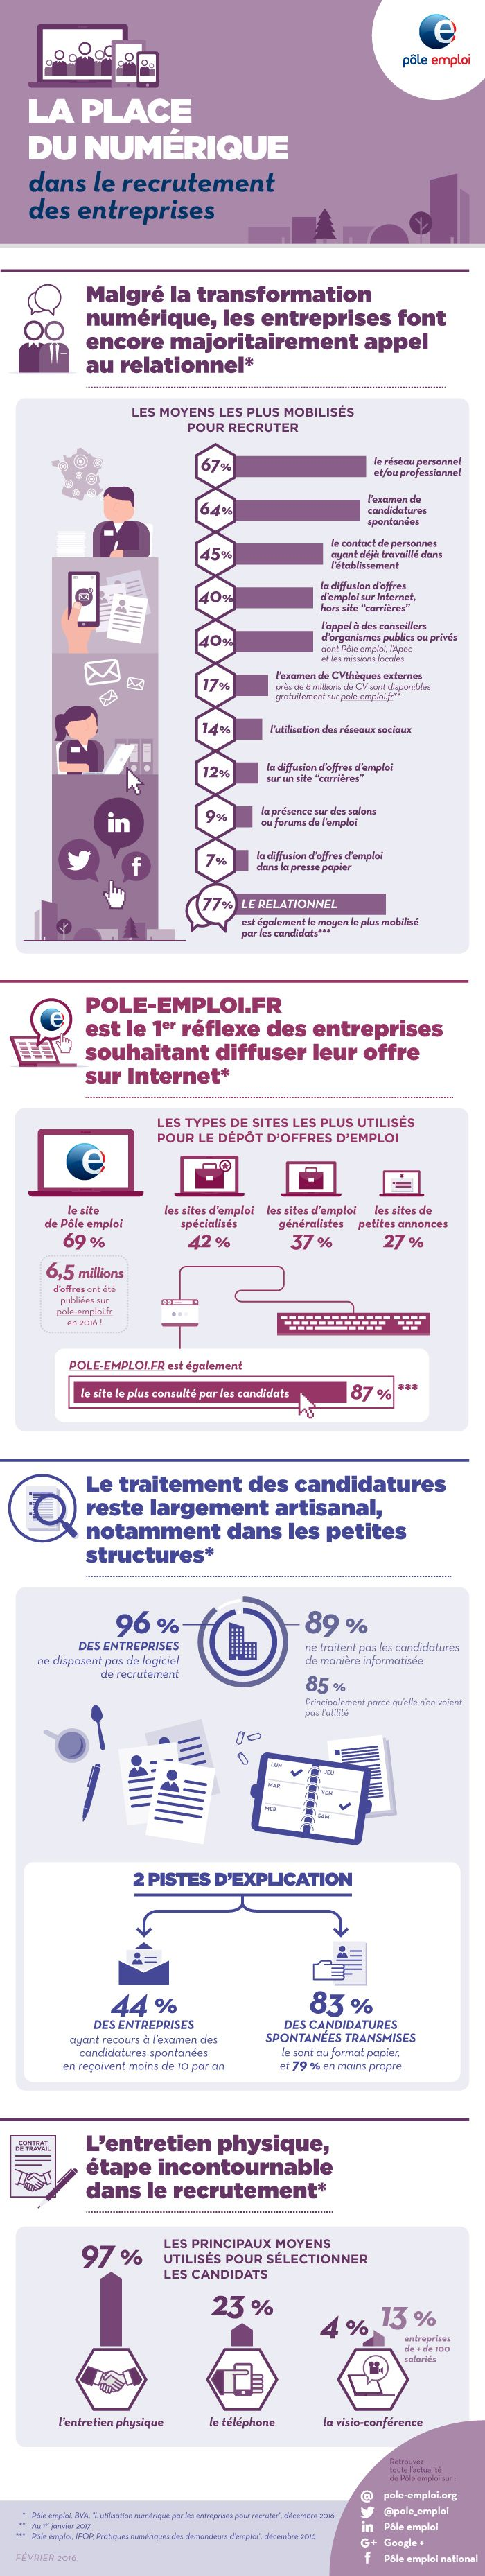 Le #numérique dans le #recrutement des entreprises. #RH